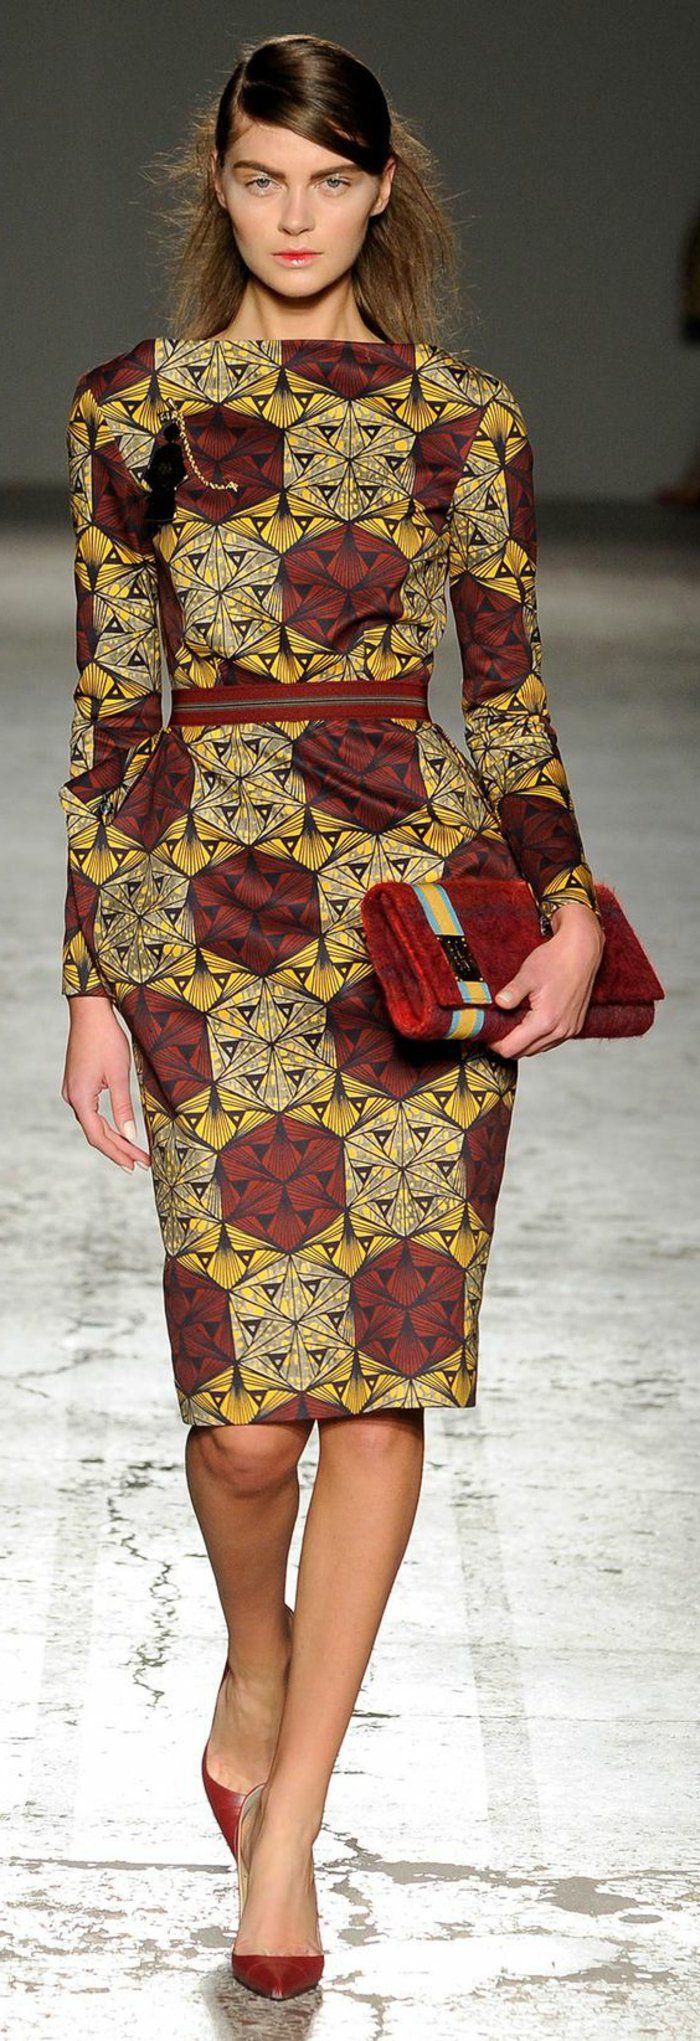 modele robe pagne, robe au dessin graphique, escarpins et sac rouge